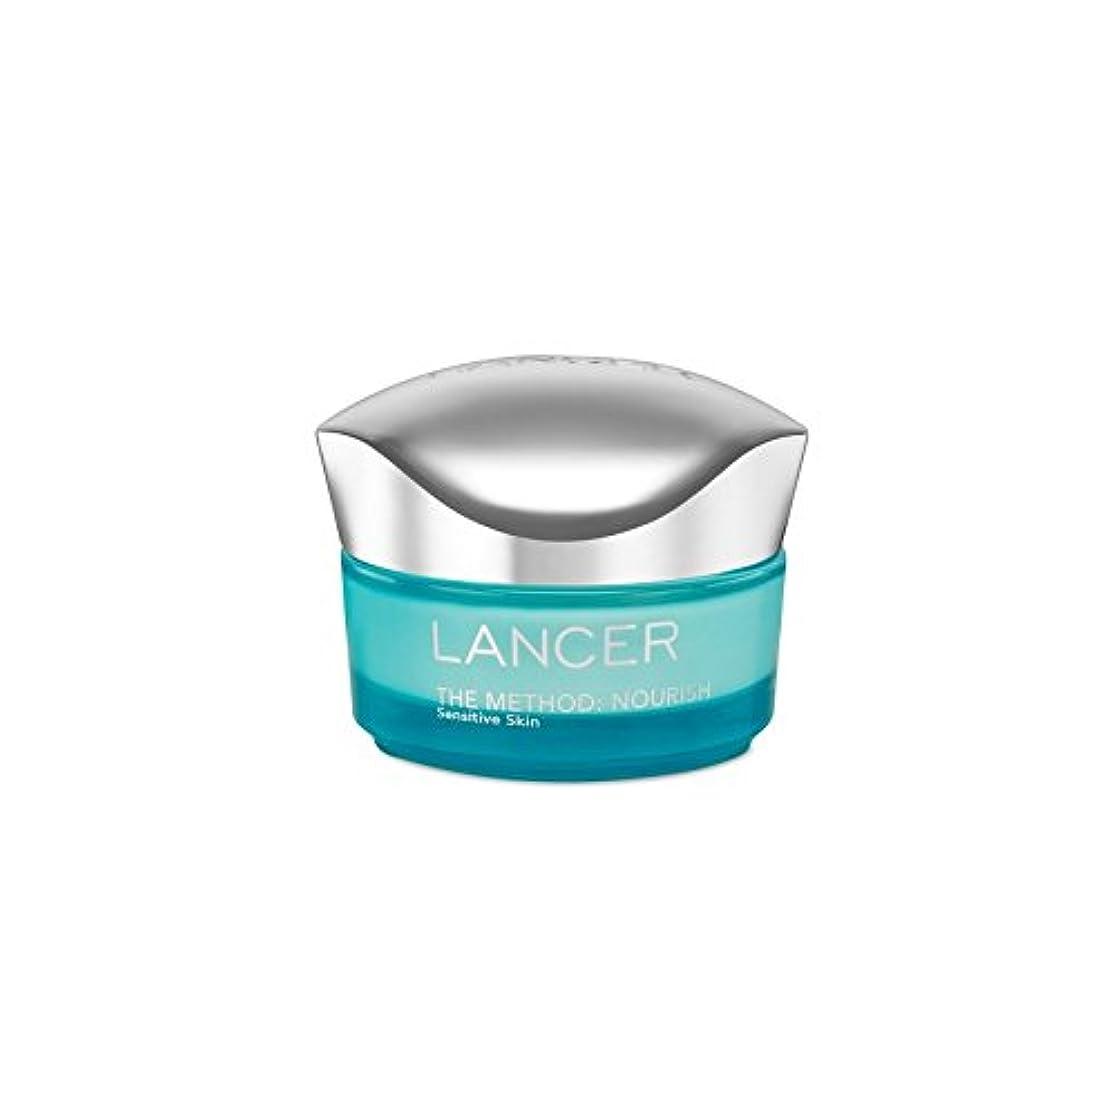 脚本家端末本ランサーは、この方法をスキンケア:保湿敏感肌(50)に栄養を与えます x4 - Lancer Skincare The Method: Nourish Moisturiser Sensitive Skin (50ml)...